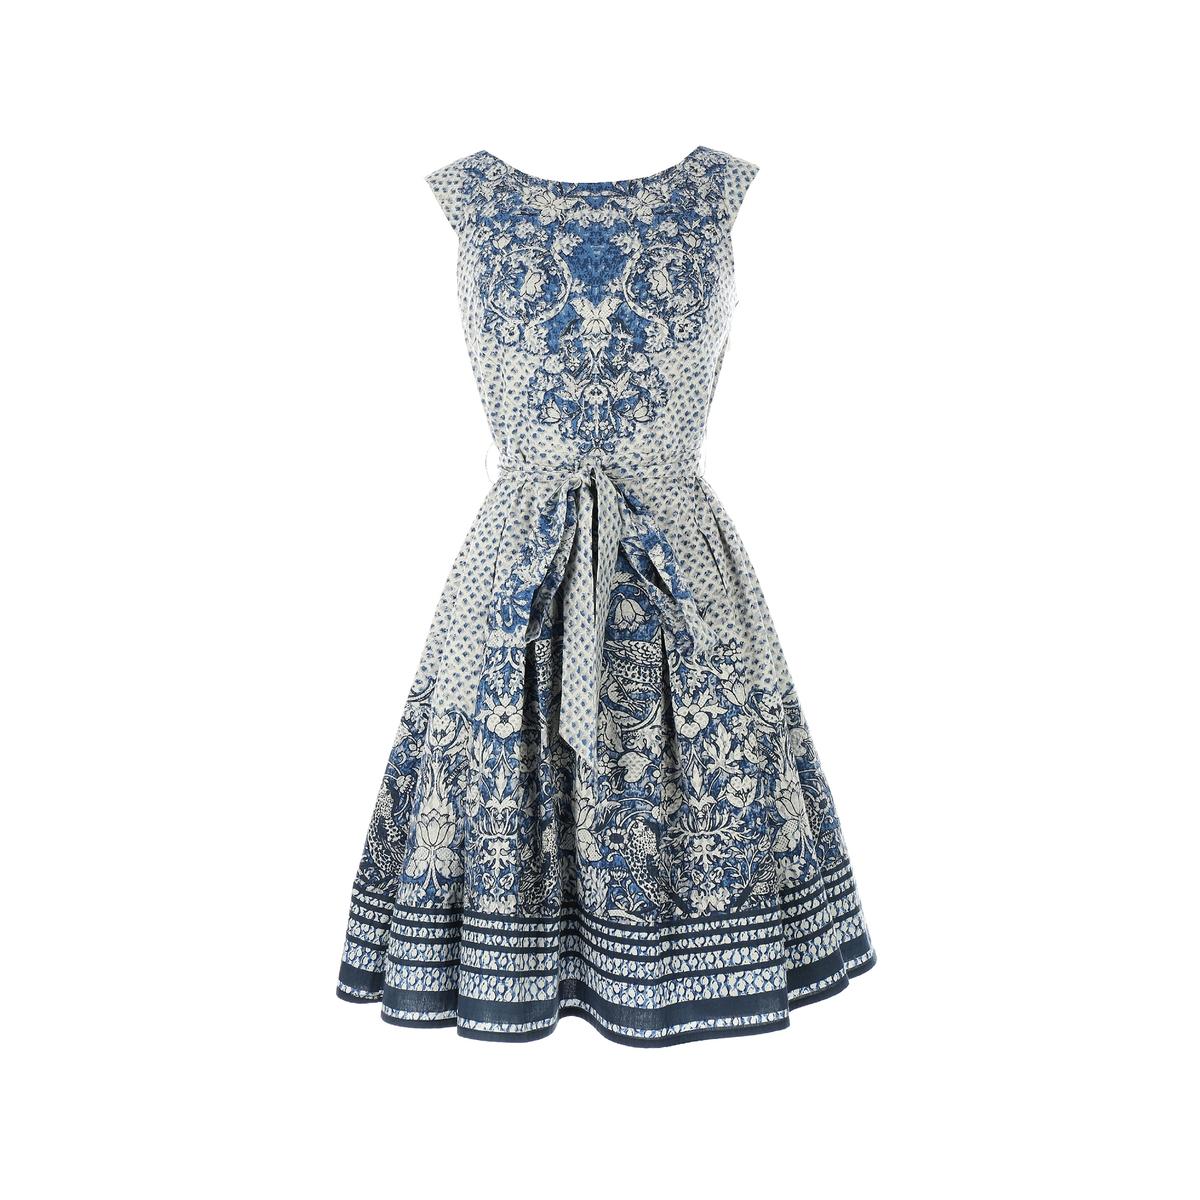 Платье короткое, без рукавовДетали •  Форма : прямая  •  короткое  •  Без рукавов    •   V-образный вырез •  Рисунок-принтСостав и уход •  100% хлопок •  Следуйте советам по уходу, указанным на этикетке<br><br>Цвет: наб. рисунок синий<br>Размер: S